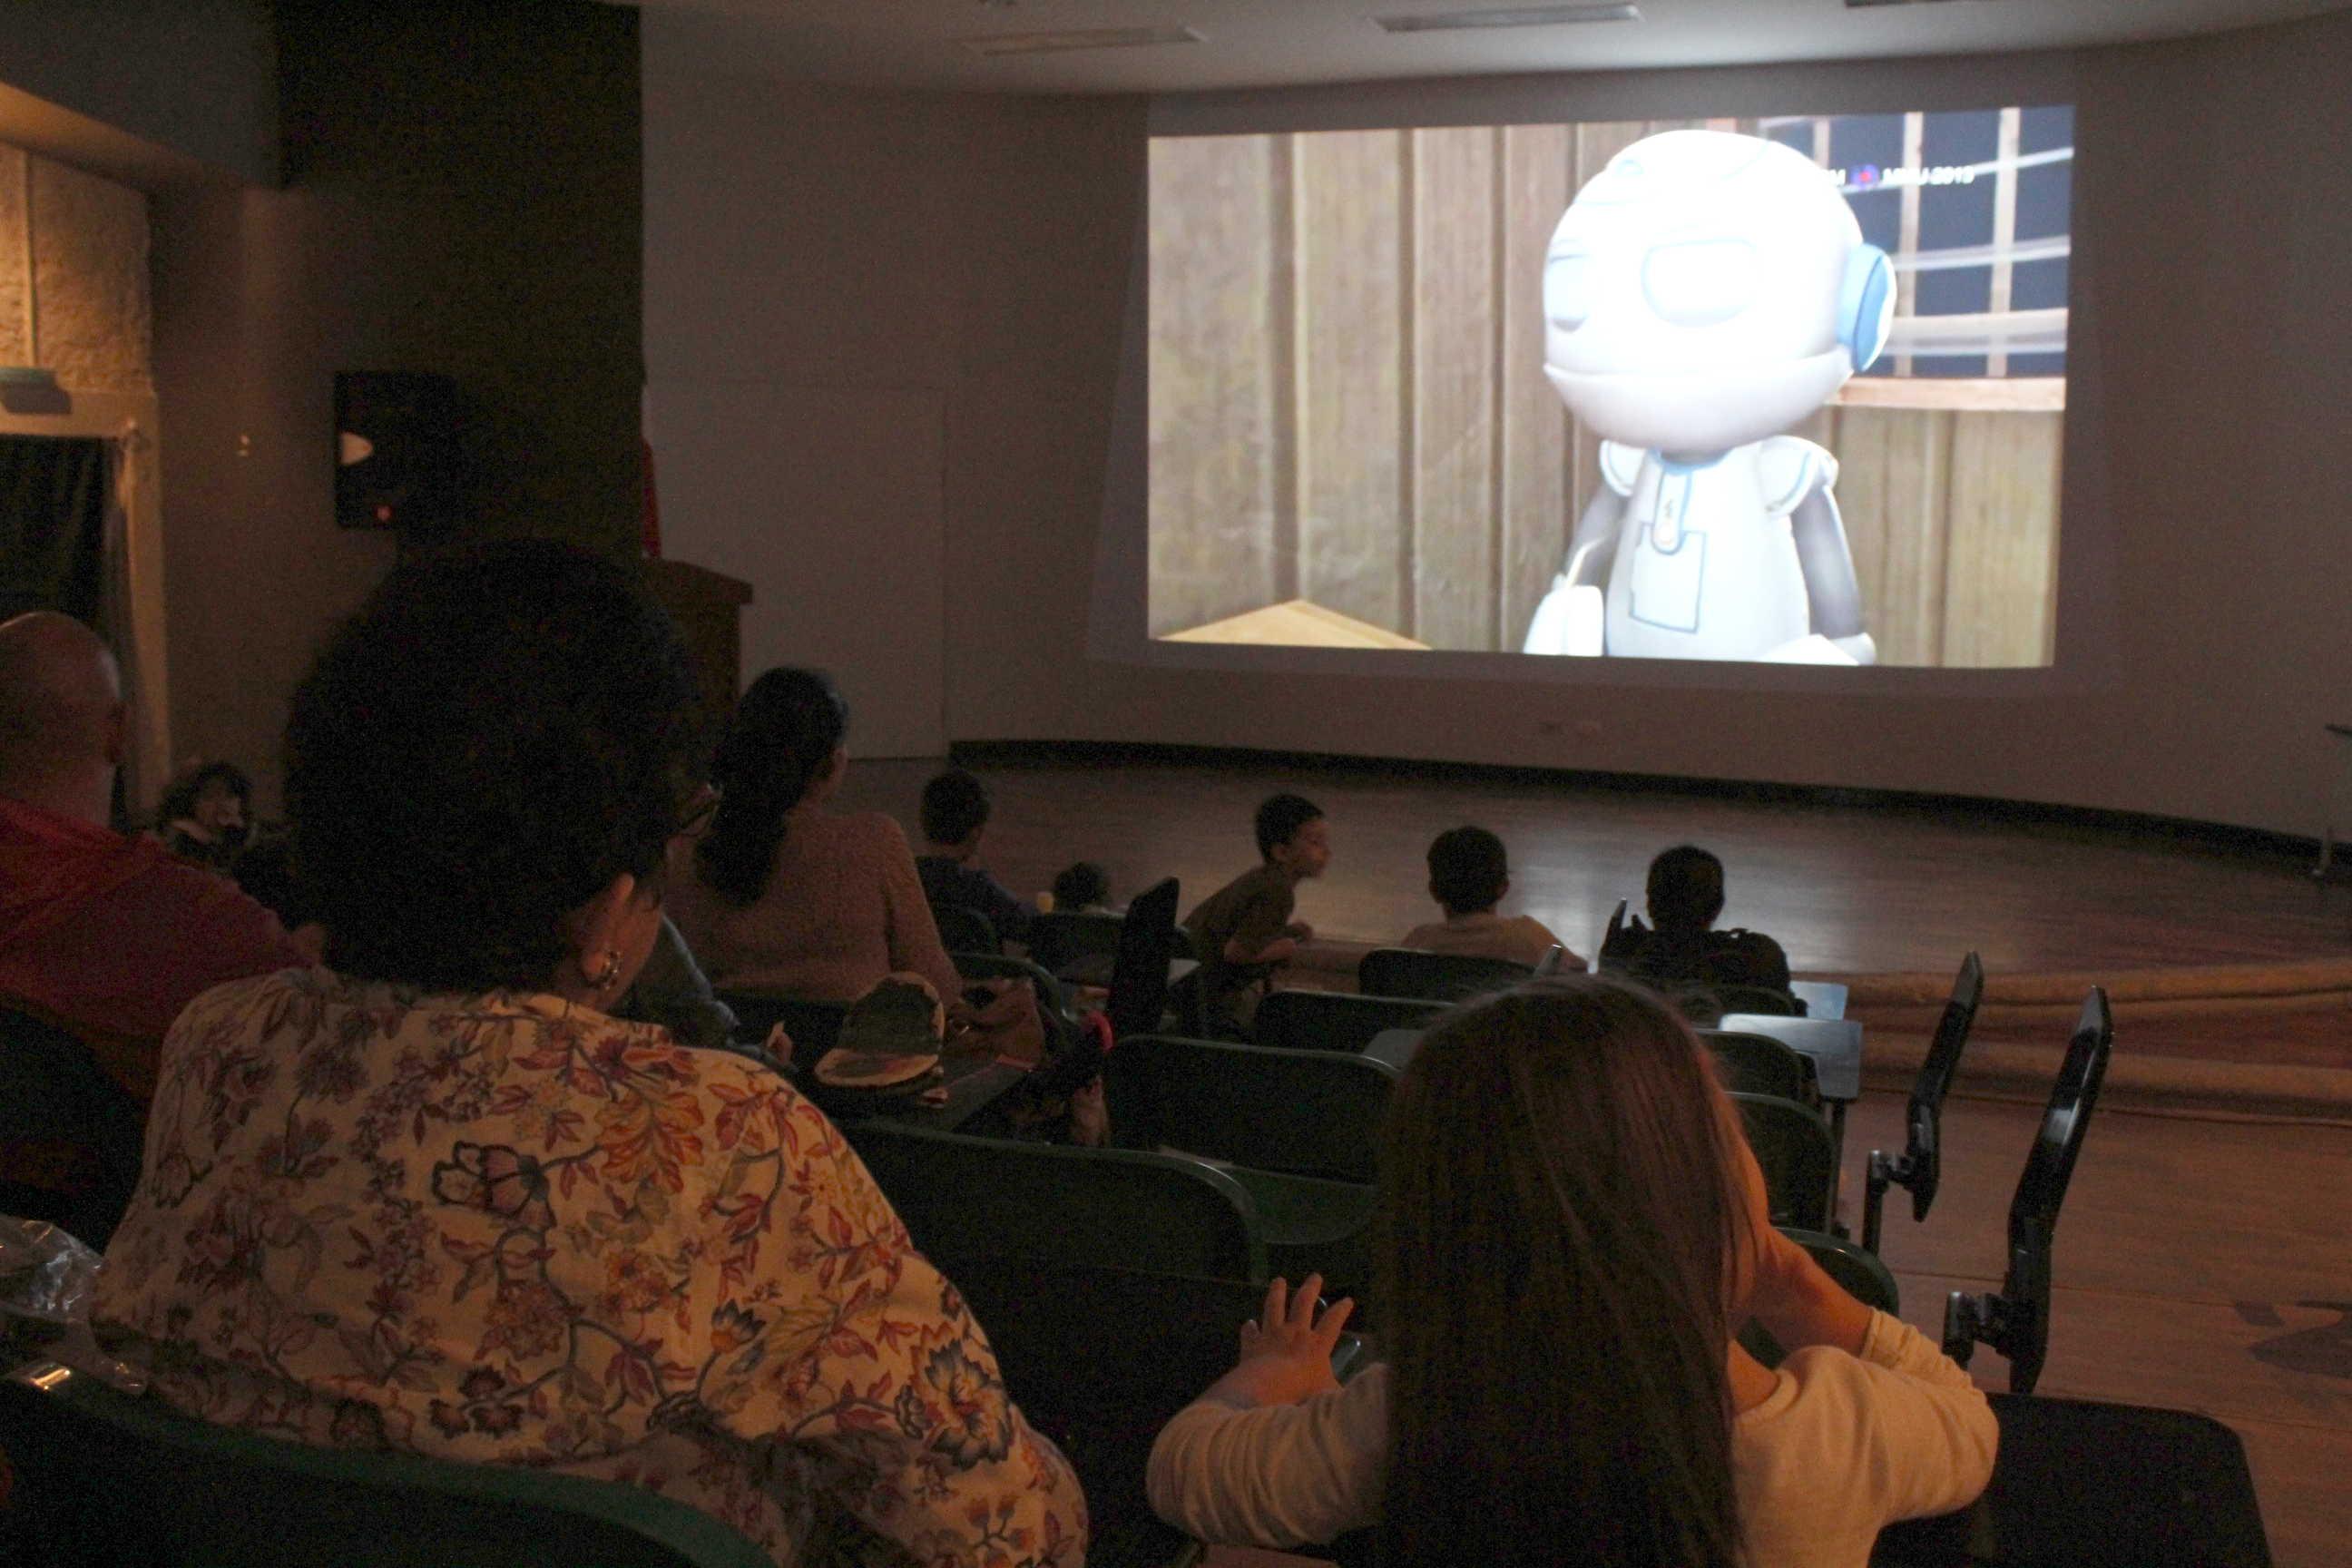 Los niños participantes de Títere-tandas vieron los filmes presentados en el Cine Universitario: Cortos animados del director checo Jiri Trnka y la película El Libro de la vida, del director Jorge R. Gutiérrez.